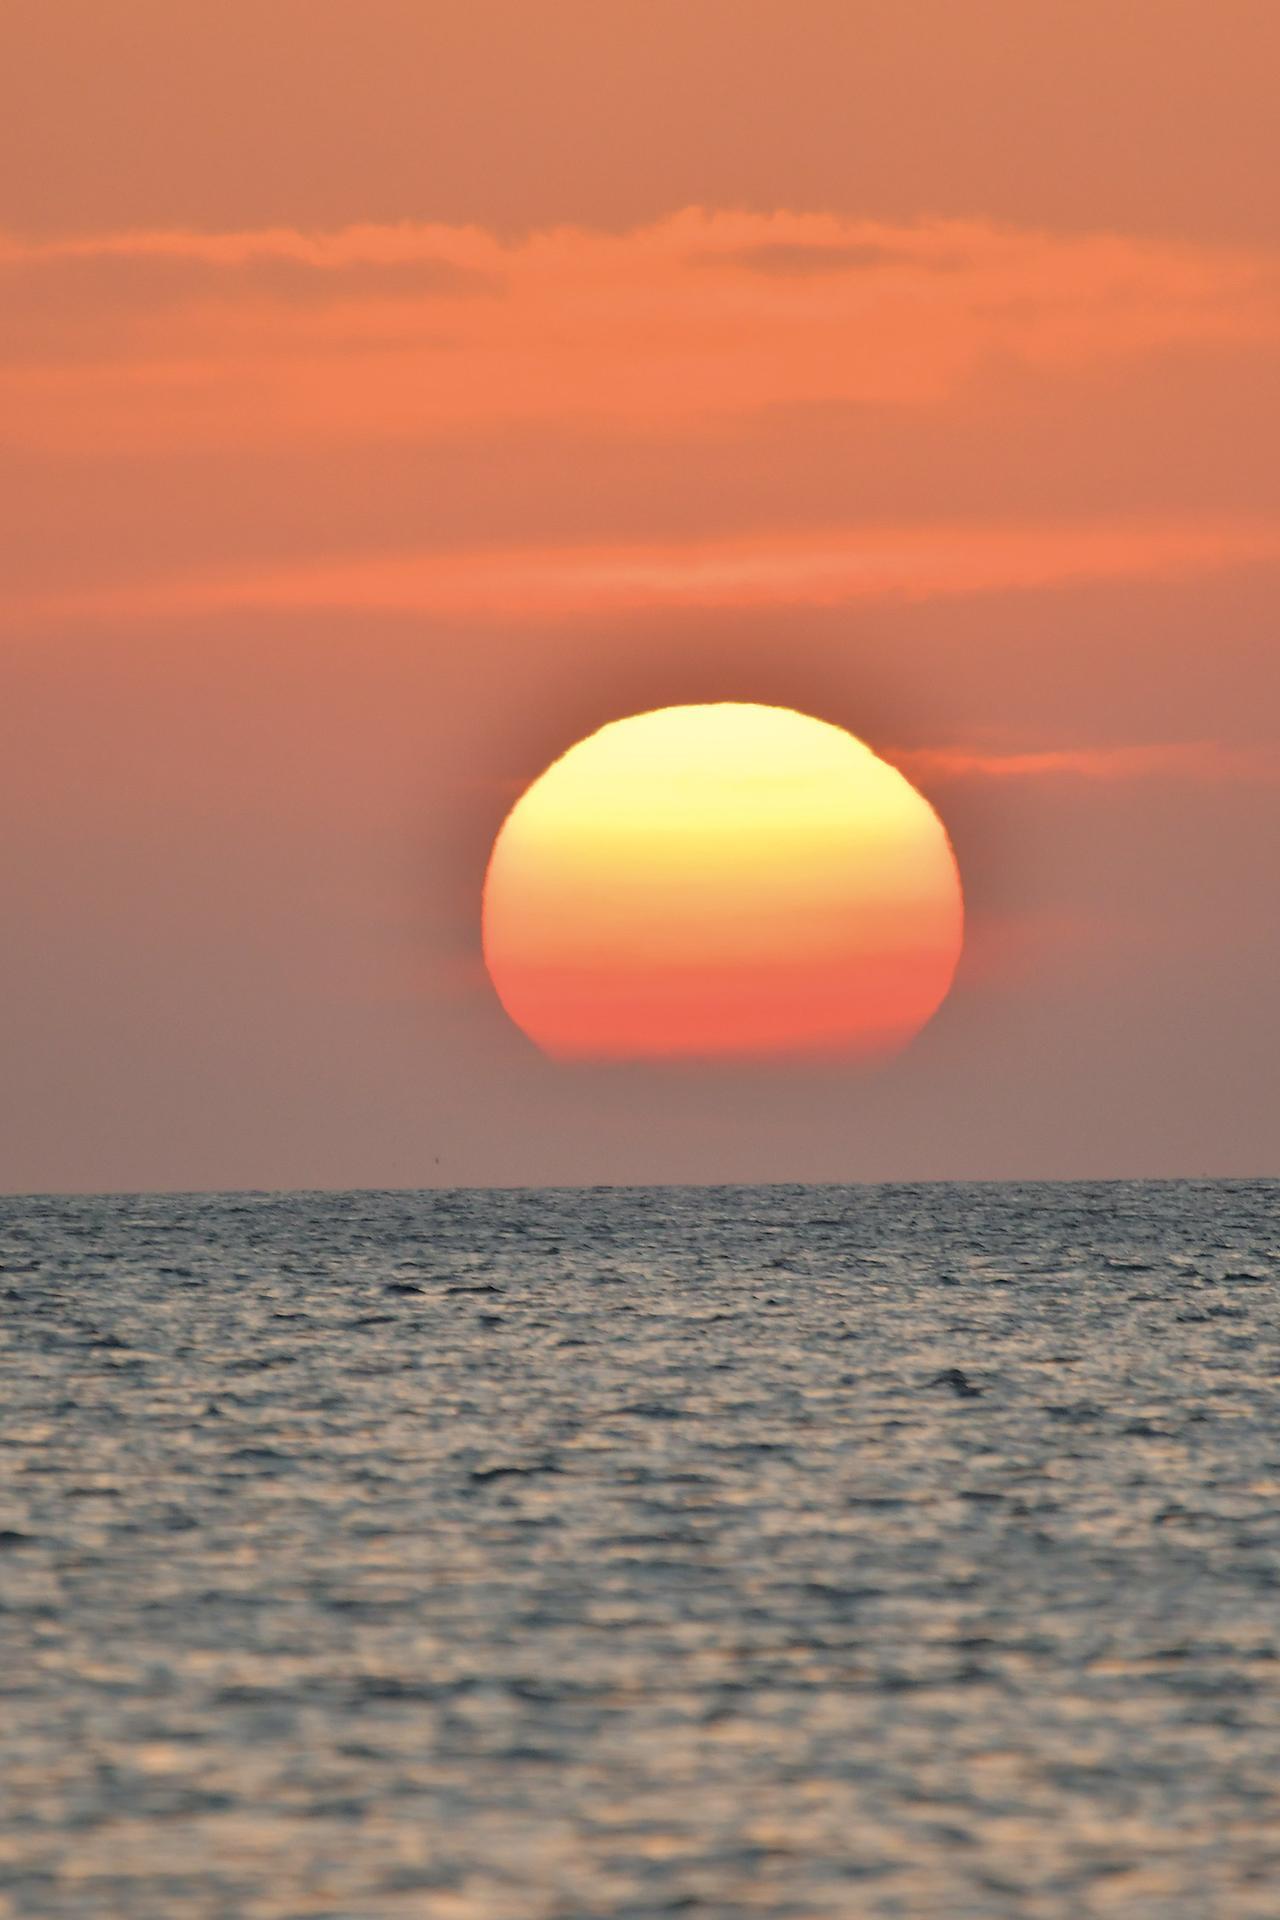 画像: こんなに夕日をじっくり見たのっていつぶりだろう… 太陽もきっと、ゴールを祝福してくれていたんだと思います。これ以上ないんじゃない?って思うほどキレイでした。